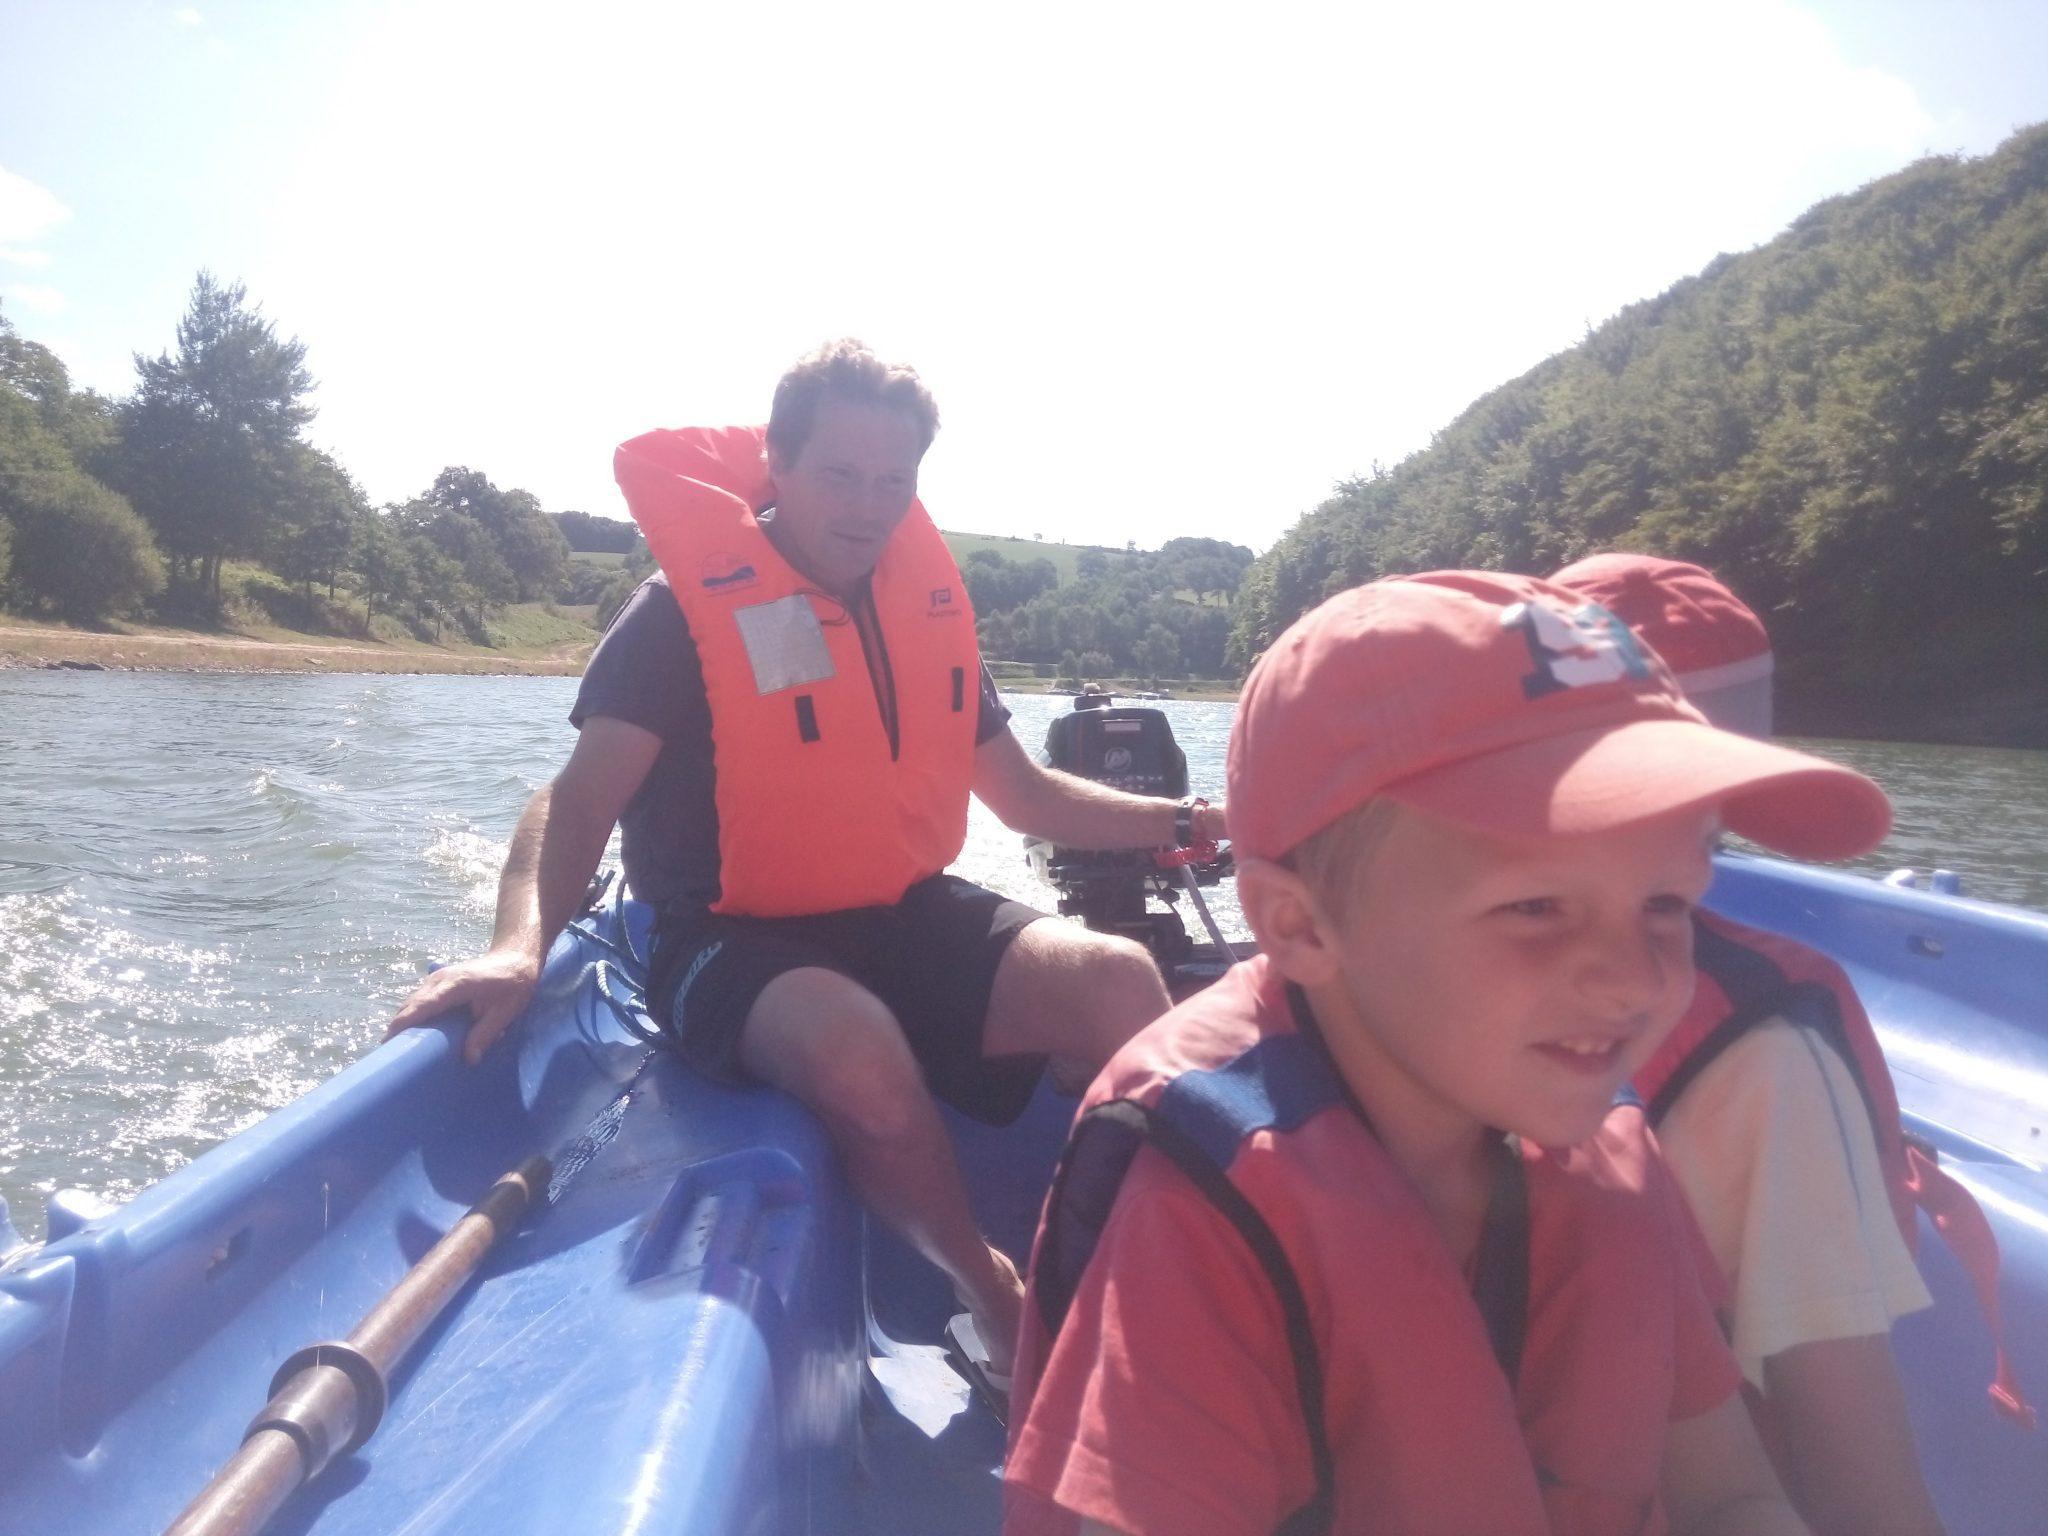 bateau-lac-pareloup-office-tourisme-levezou-aveyron-lidwine